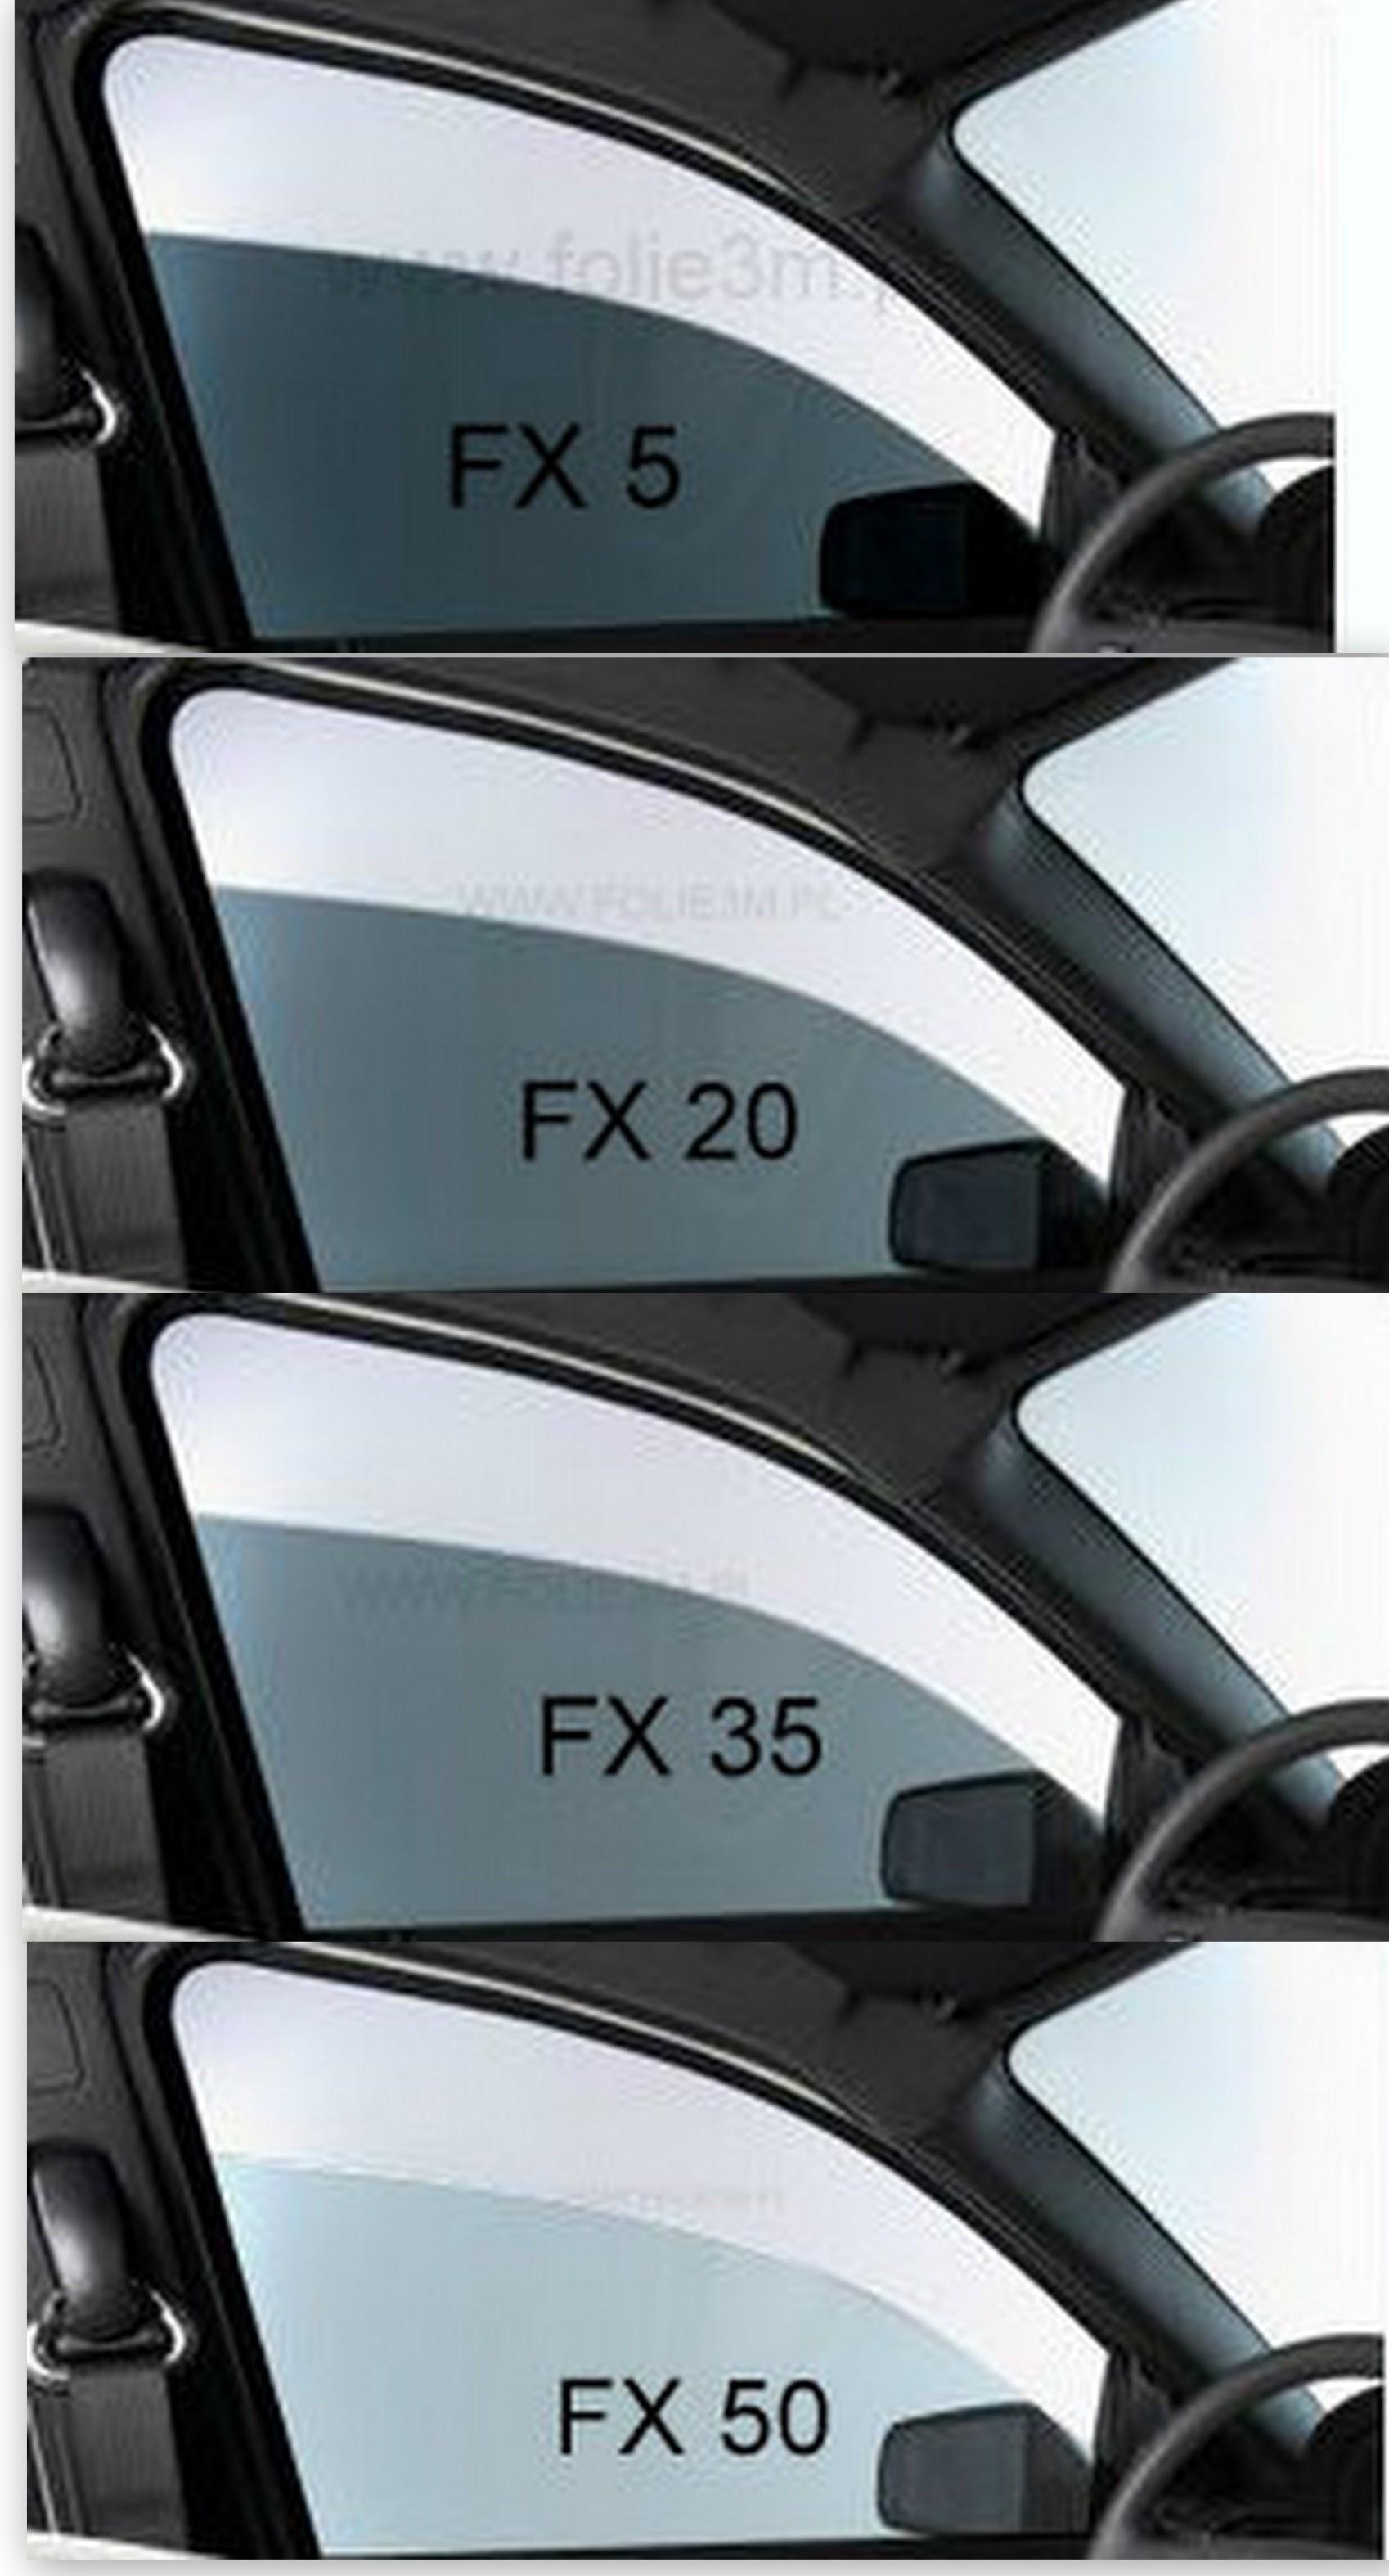 Folia Fx 50 Arceo Autoryzowany Dystrybutor